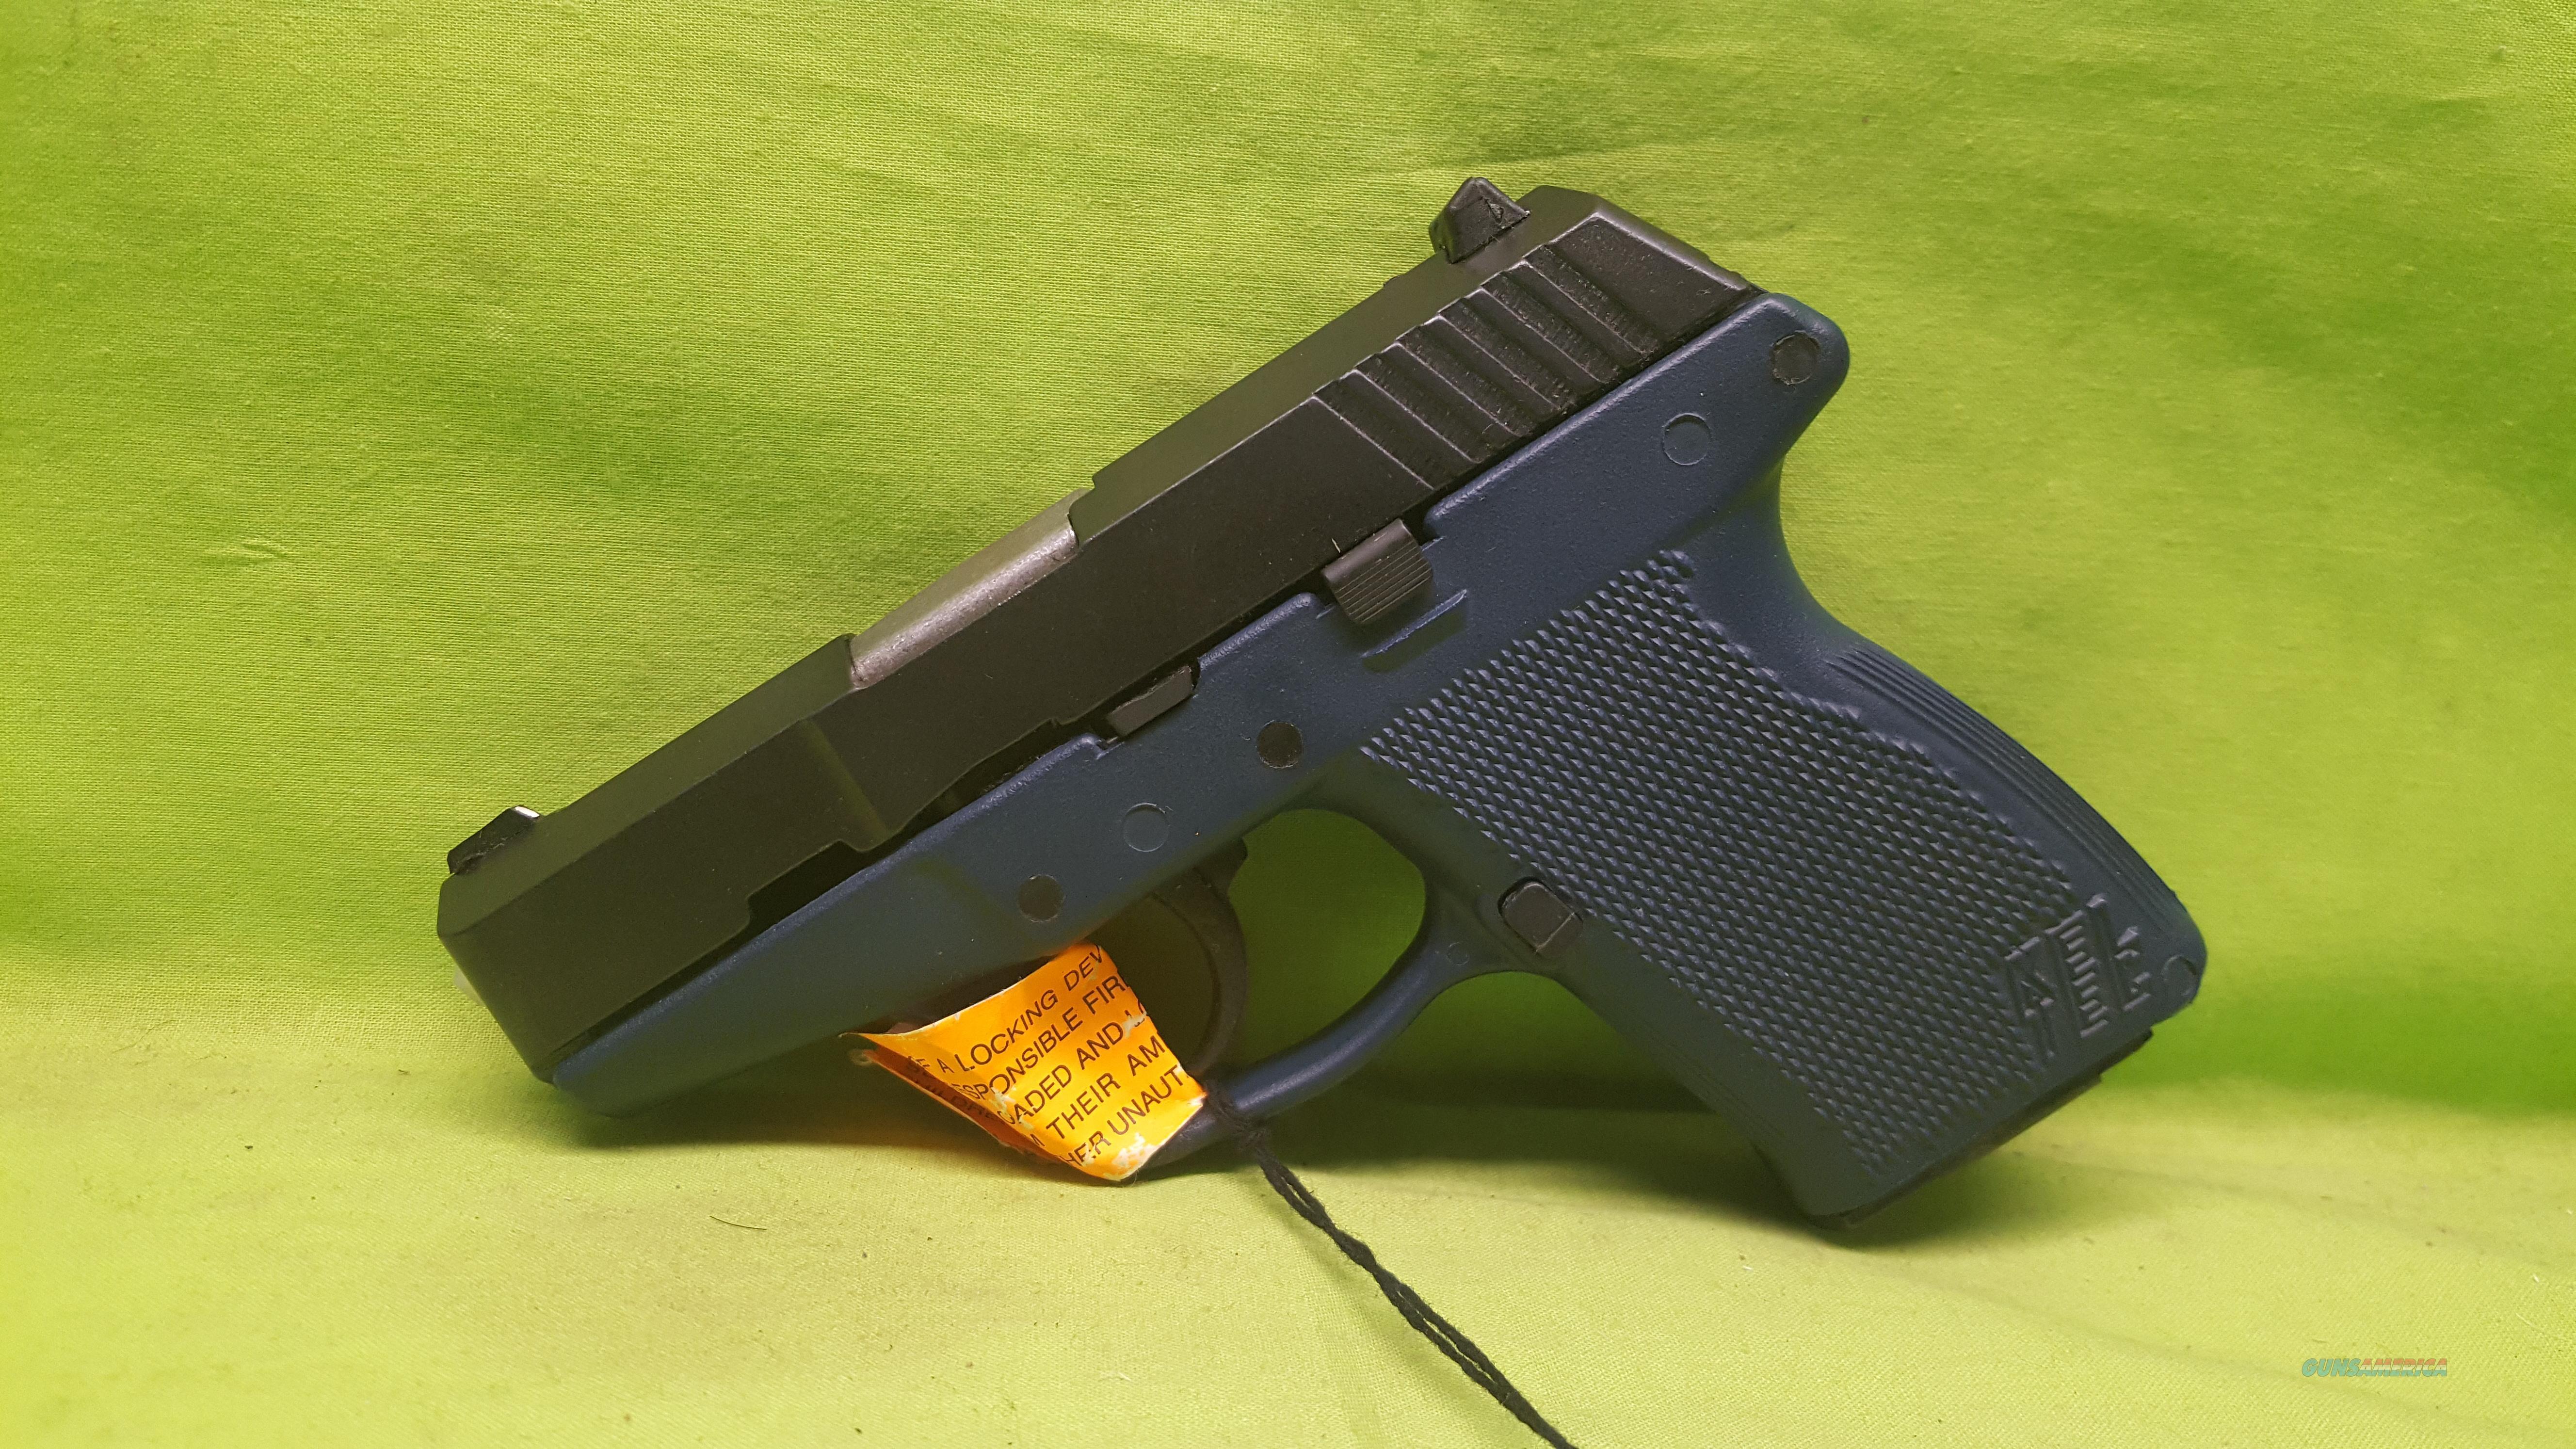 KEL-TEC P-11 P11 P 11 9MM BLACK / NAVY BLUE 10RD  Guns > Pistols > Kel-Tec Pistols > Pocket Pistol Type